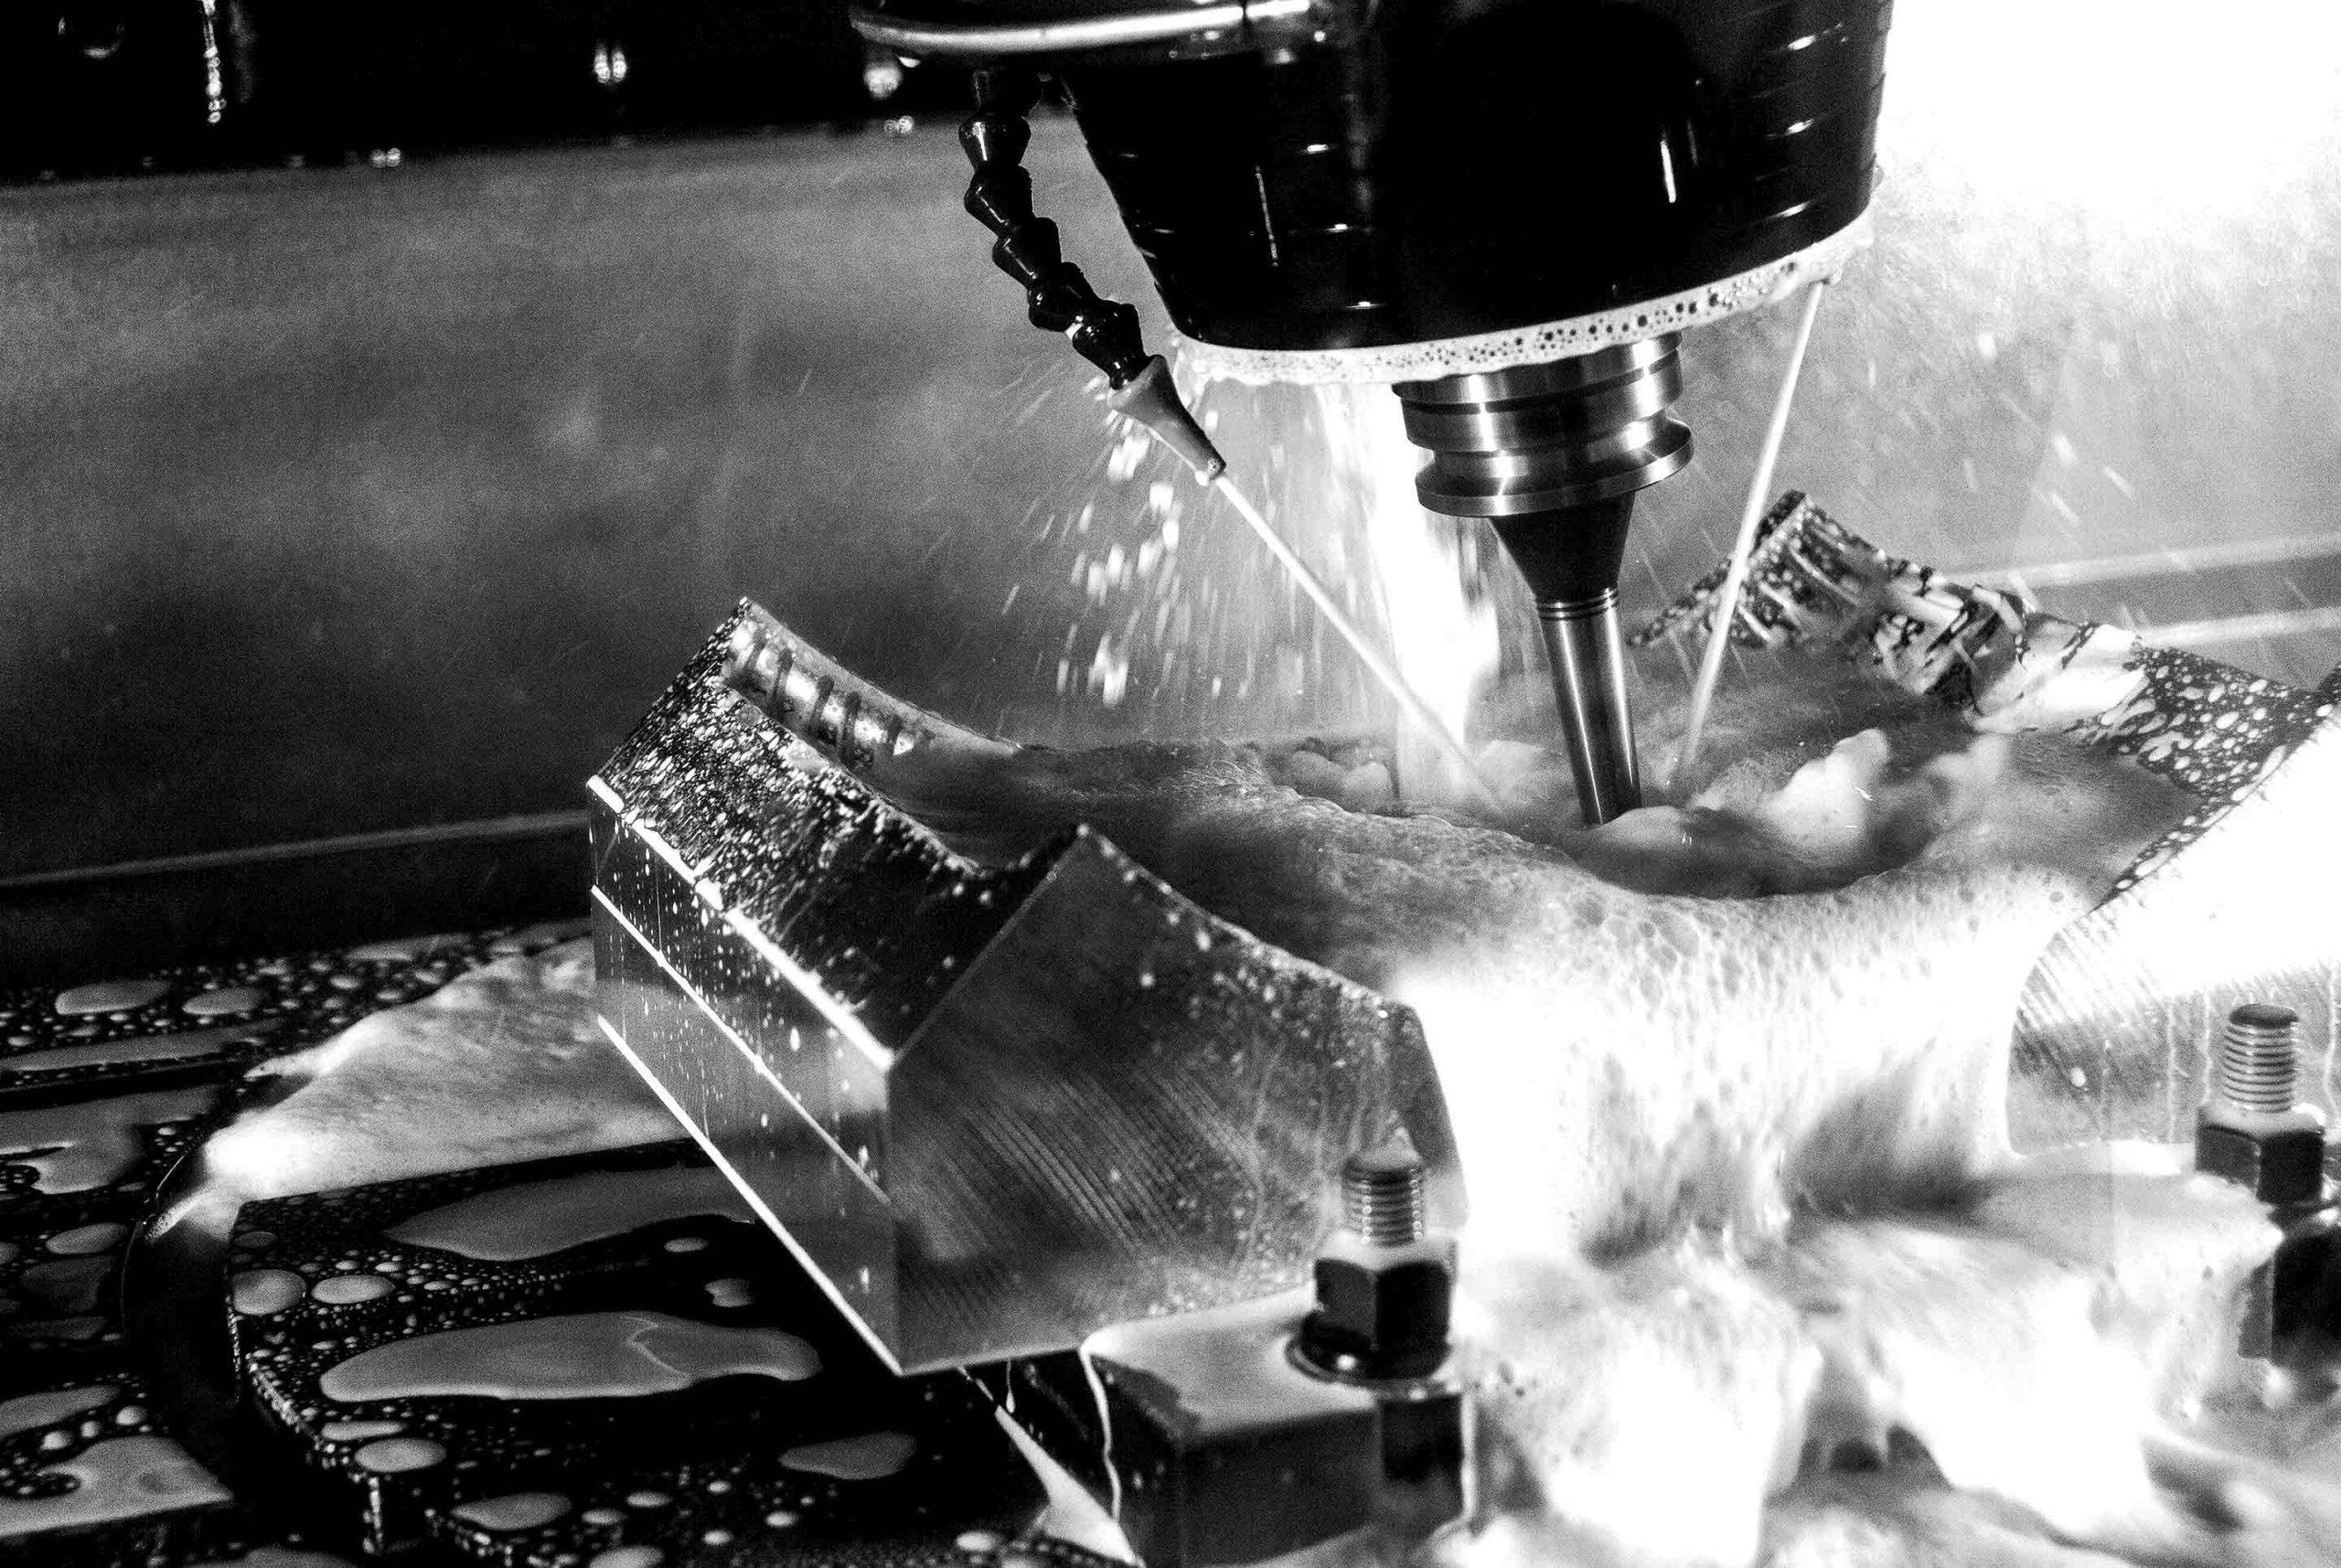 Manutenzione macchine utensili - Revisione cambio utensile